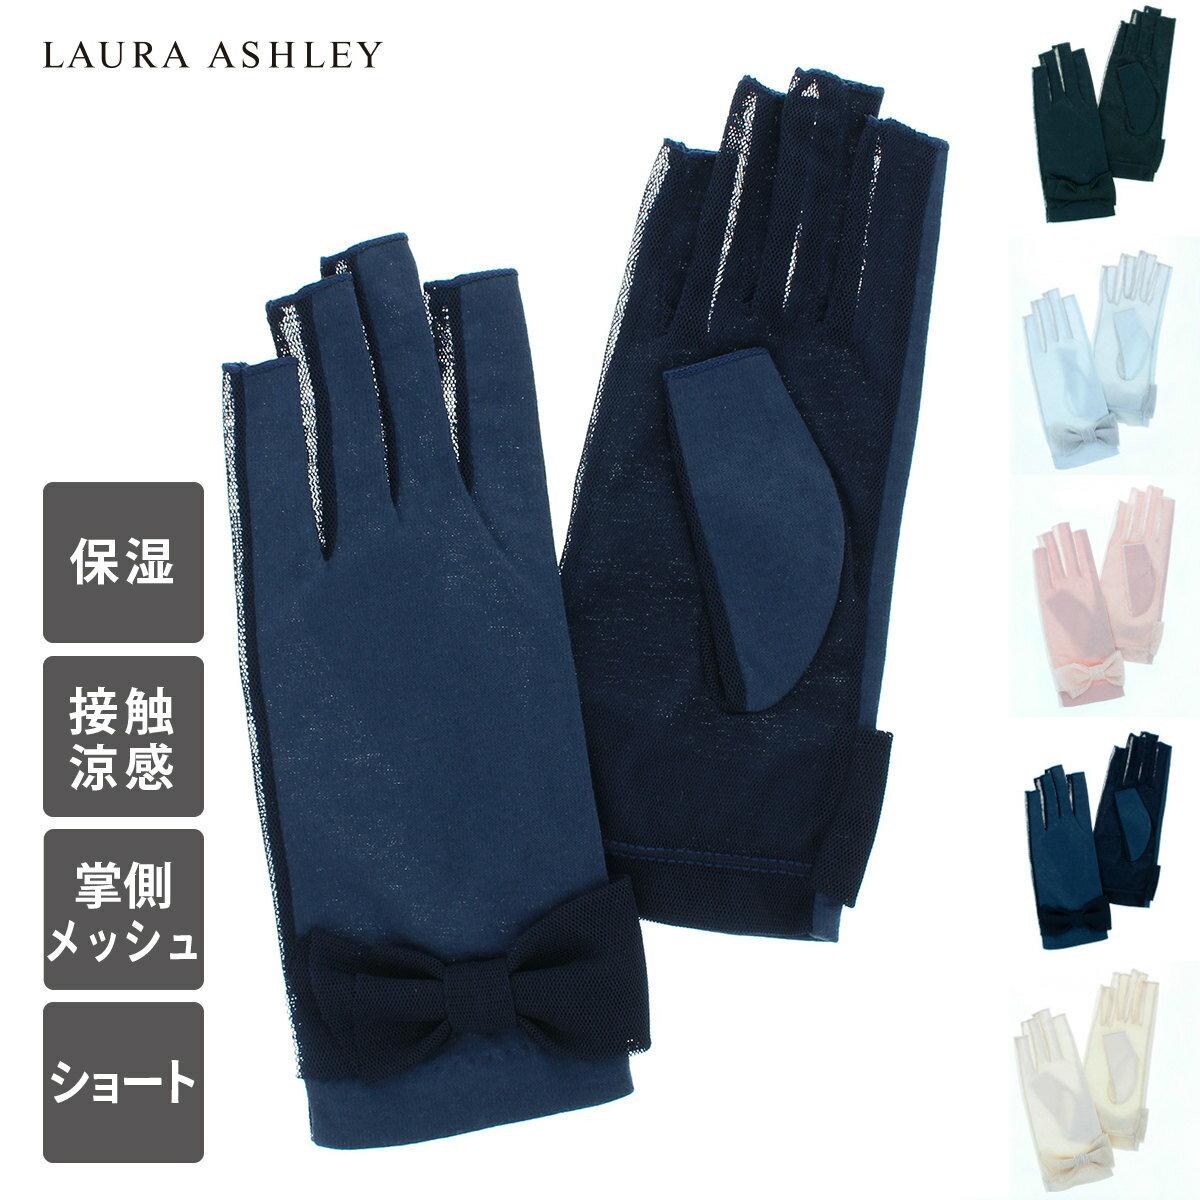 LAURA ASHLLEY ローラ アシュレイ UVカット UV手袋   てぶくろ ギフト プレゼント ショート 19cm丈 指切り 指なし 掌側メッシュ ひんやり触感 保湿効果